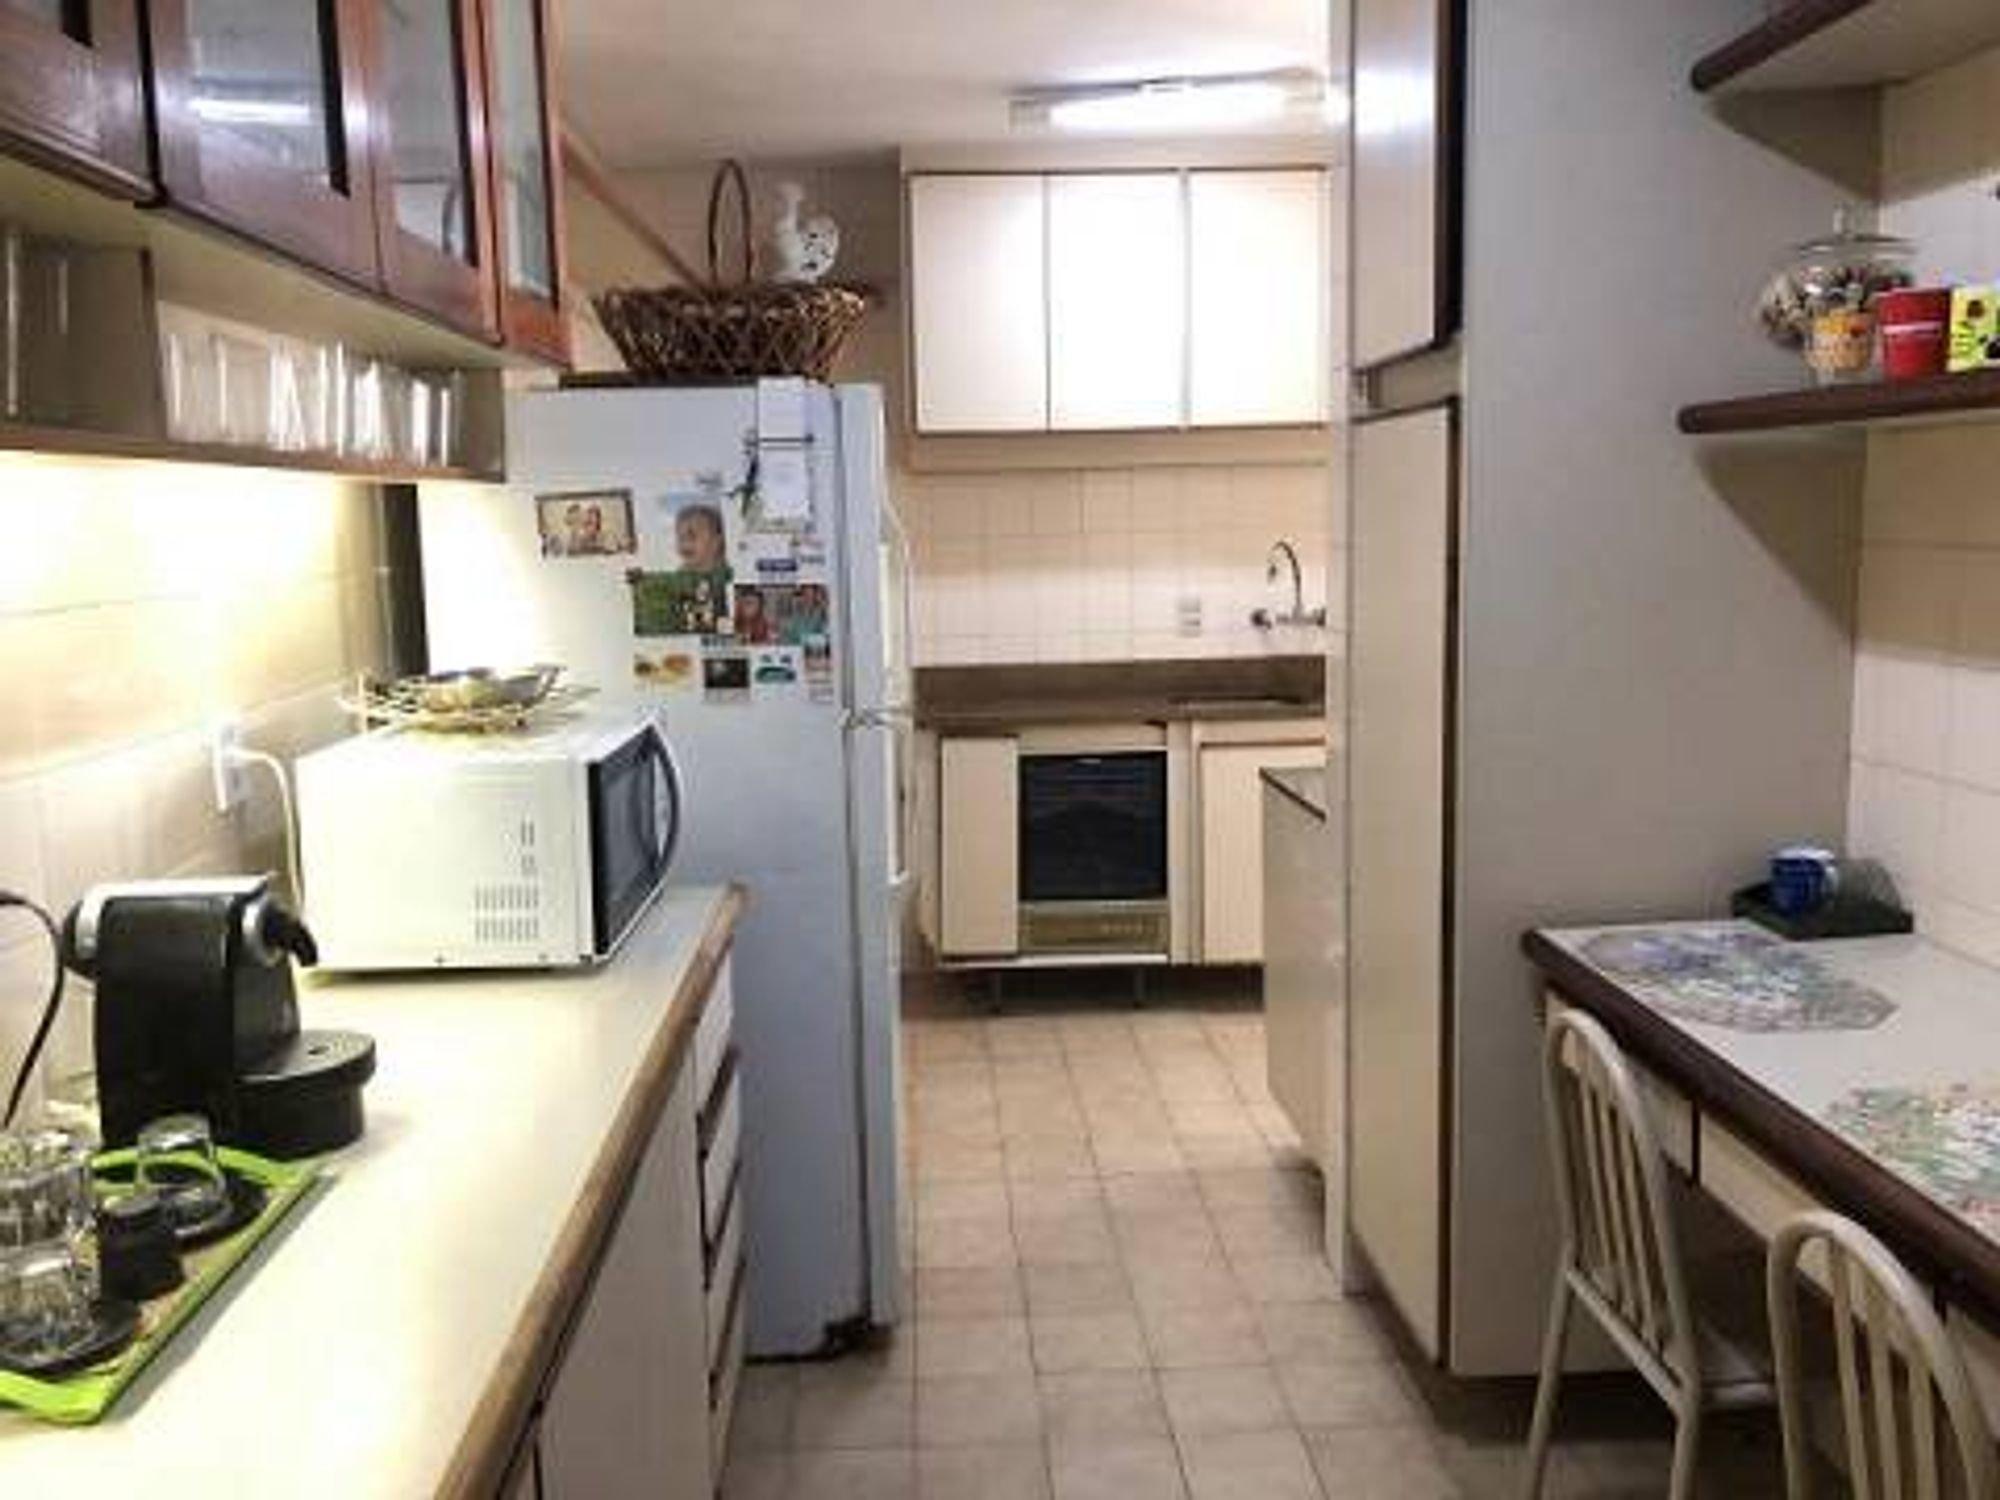 Foto de Cozinha com geladeira, cadeira, microondas, mesa de jantar, xícara